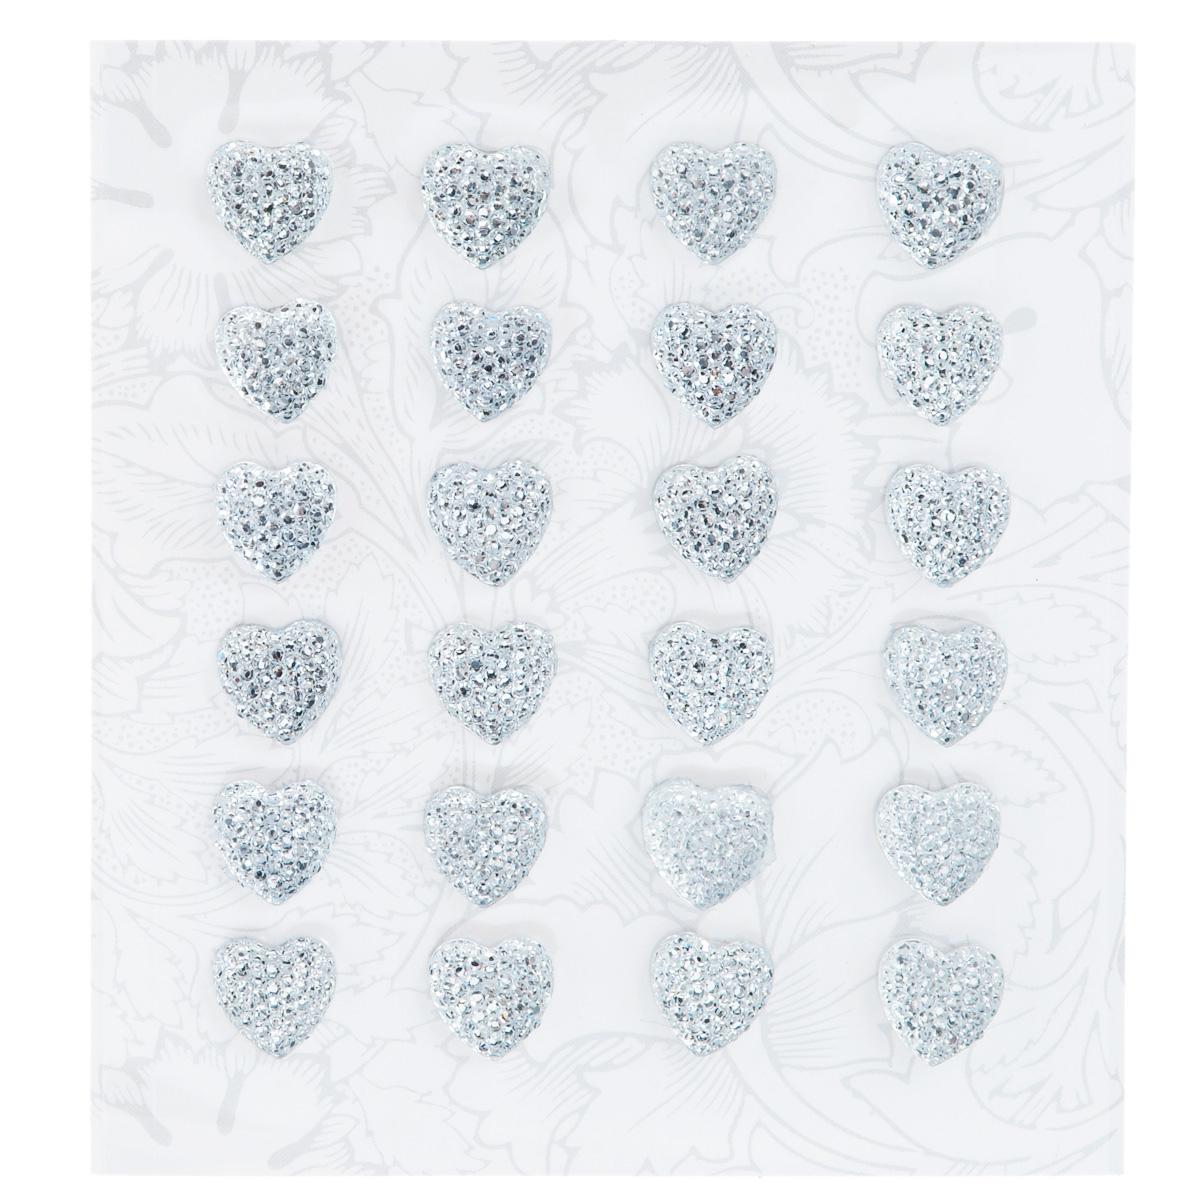 Наклейки декоративные Астра, цвет: серебристый, 12 мм х 12 мм, 24 шт. 77083467708346Декоративные наклейки Астра, изготовленные из пластика, прекрасно подойдут для оформления творческих работ в технике скрапбукинга. Их можно использовать для украшения фотоальбомов, скрап-страничек, подарков, конвертов, фоторамок, открыток и т.д. Объемные наклейки, выполненные в виде сердец, декорированы стразами и оснащены задней клейкой стороной. Скрапбукинг - это хобби, которое способно приносить массу приятных эмоций не только человеку, который этим занимается, но и его близким, друзьям, родным. Это невероятно увлекательное занятие, которое поможет вам сохранить наиболее памятные и яркие моменты вашей жизни, а также интересно оформить интерьер дома. Размер наклейки: 12 мм х 12 мм.